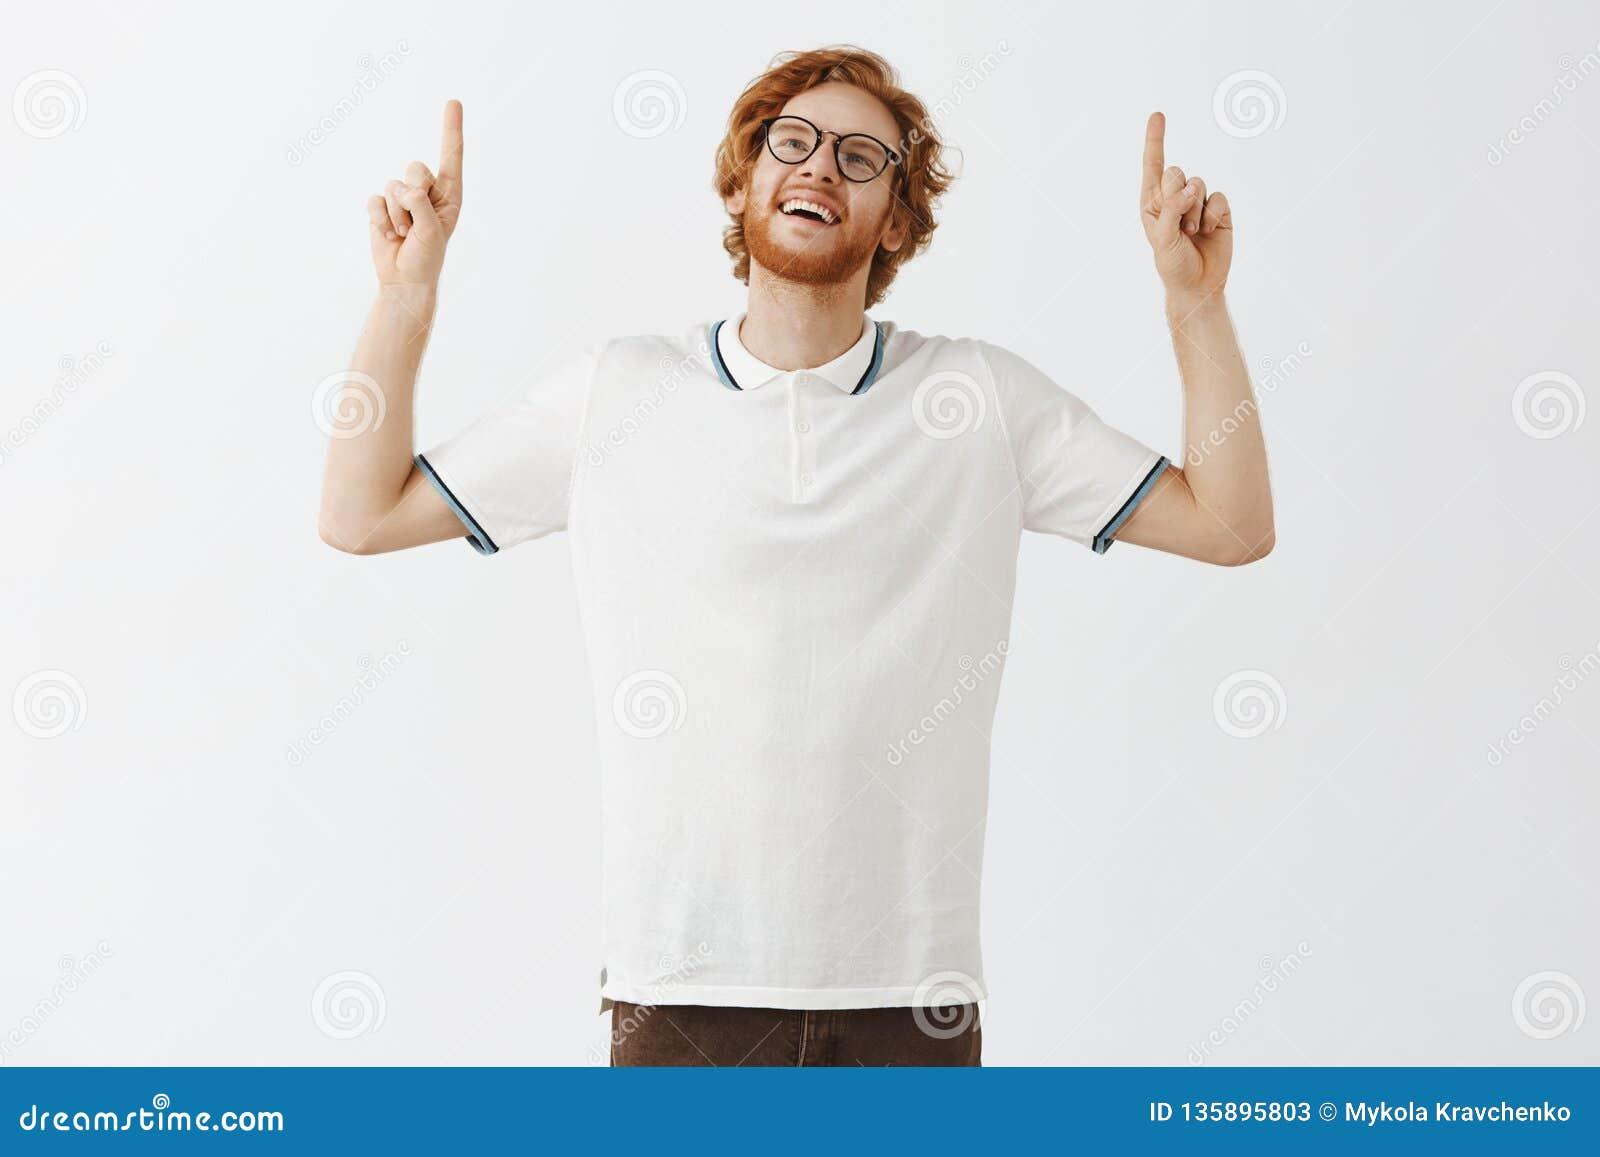 Indivíduo esperto e bonito sonhador do ruivo com a barba que inclina a cabeça para olhar e apontar acima do sorriso com o excpres